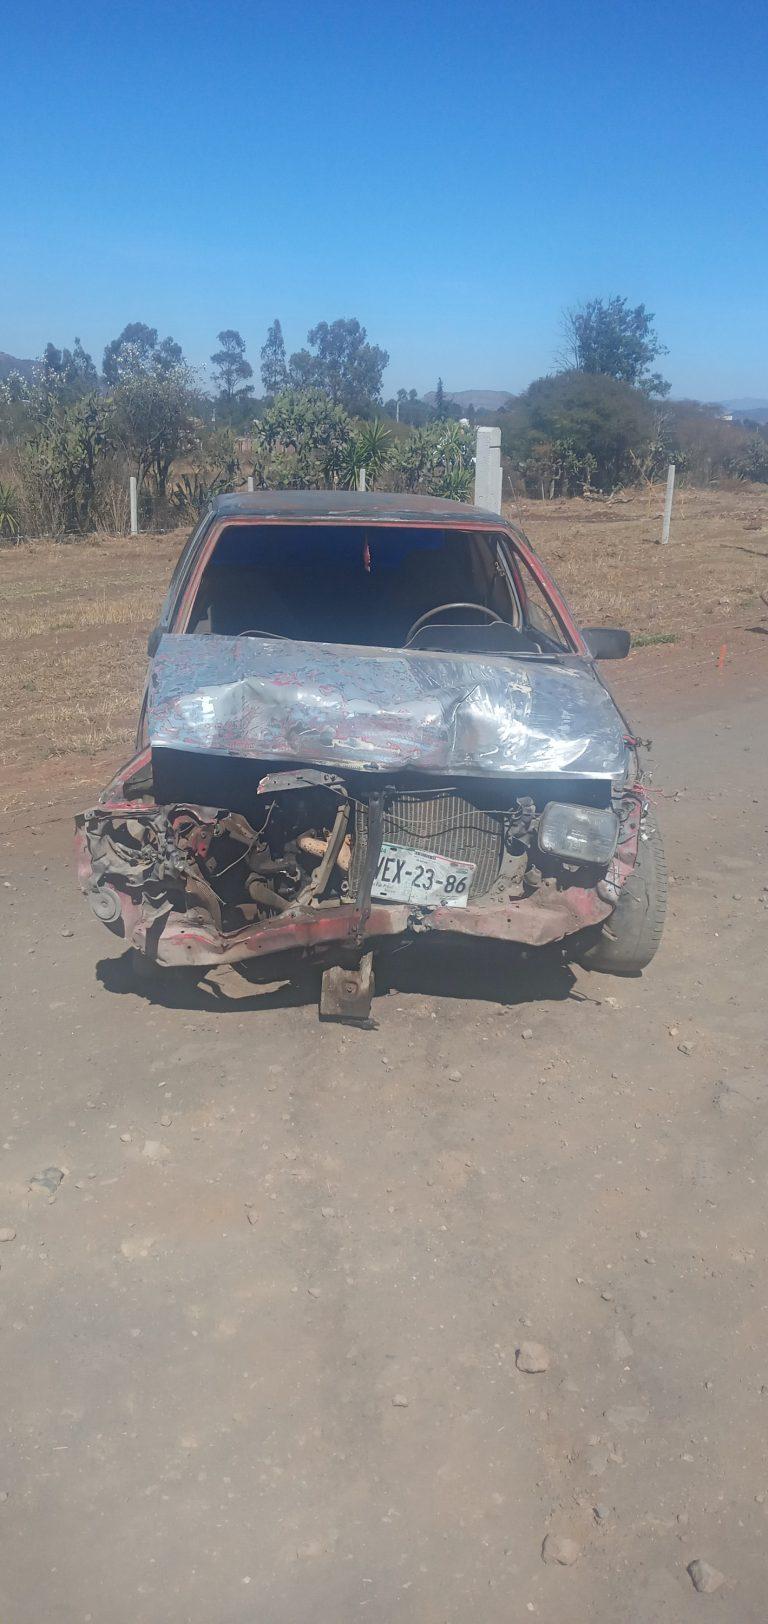 Daños materiales al chocar un vehículo contra un muro de contención